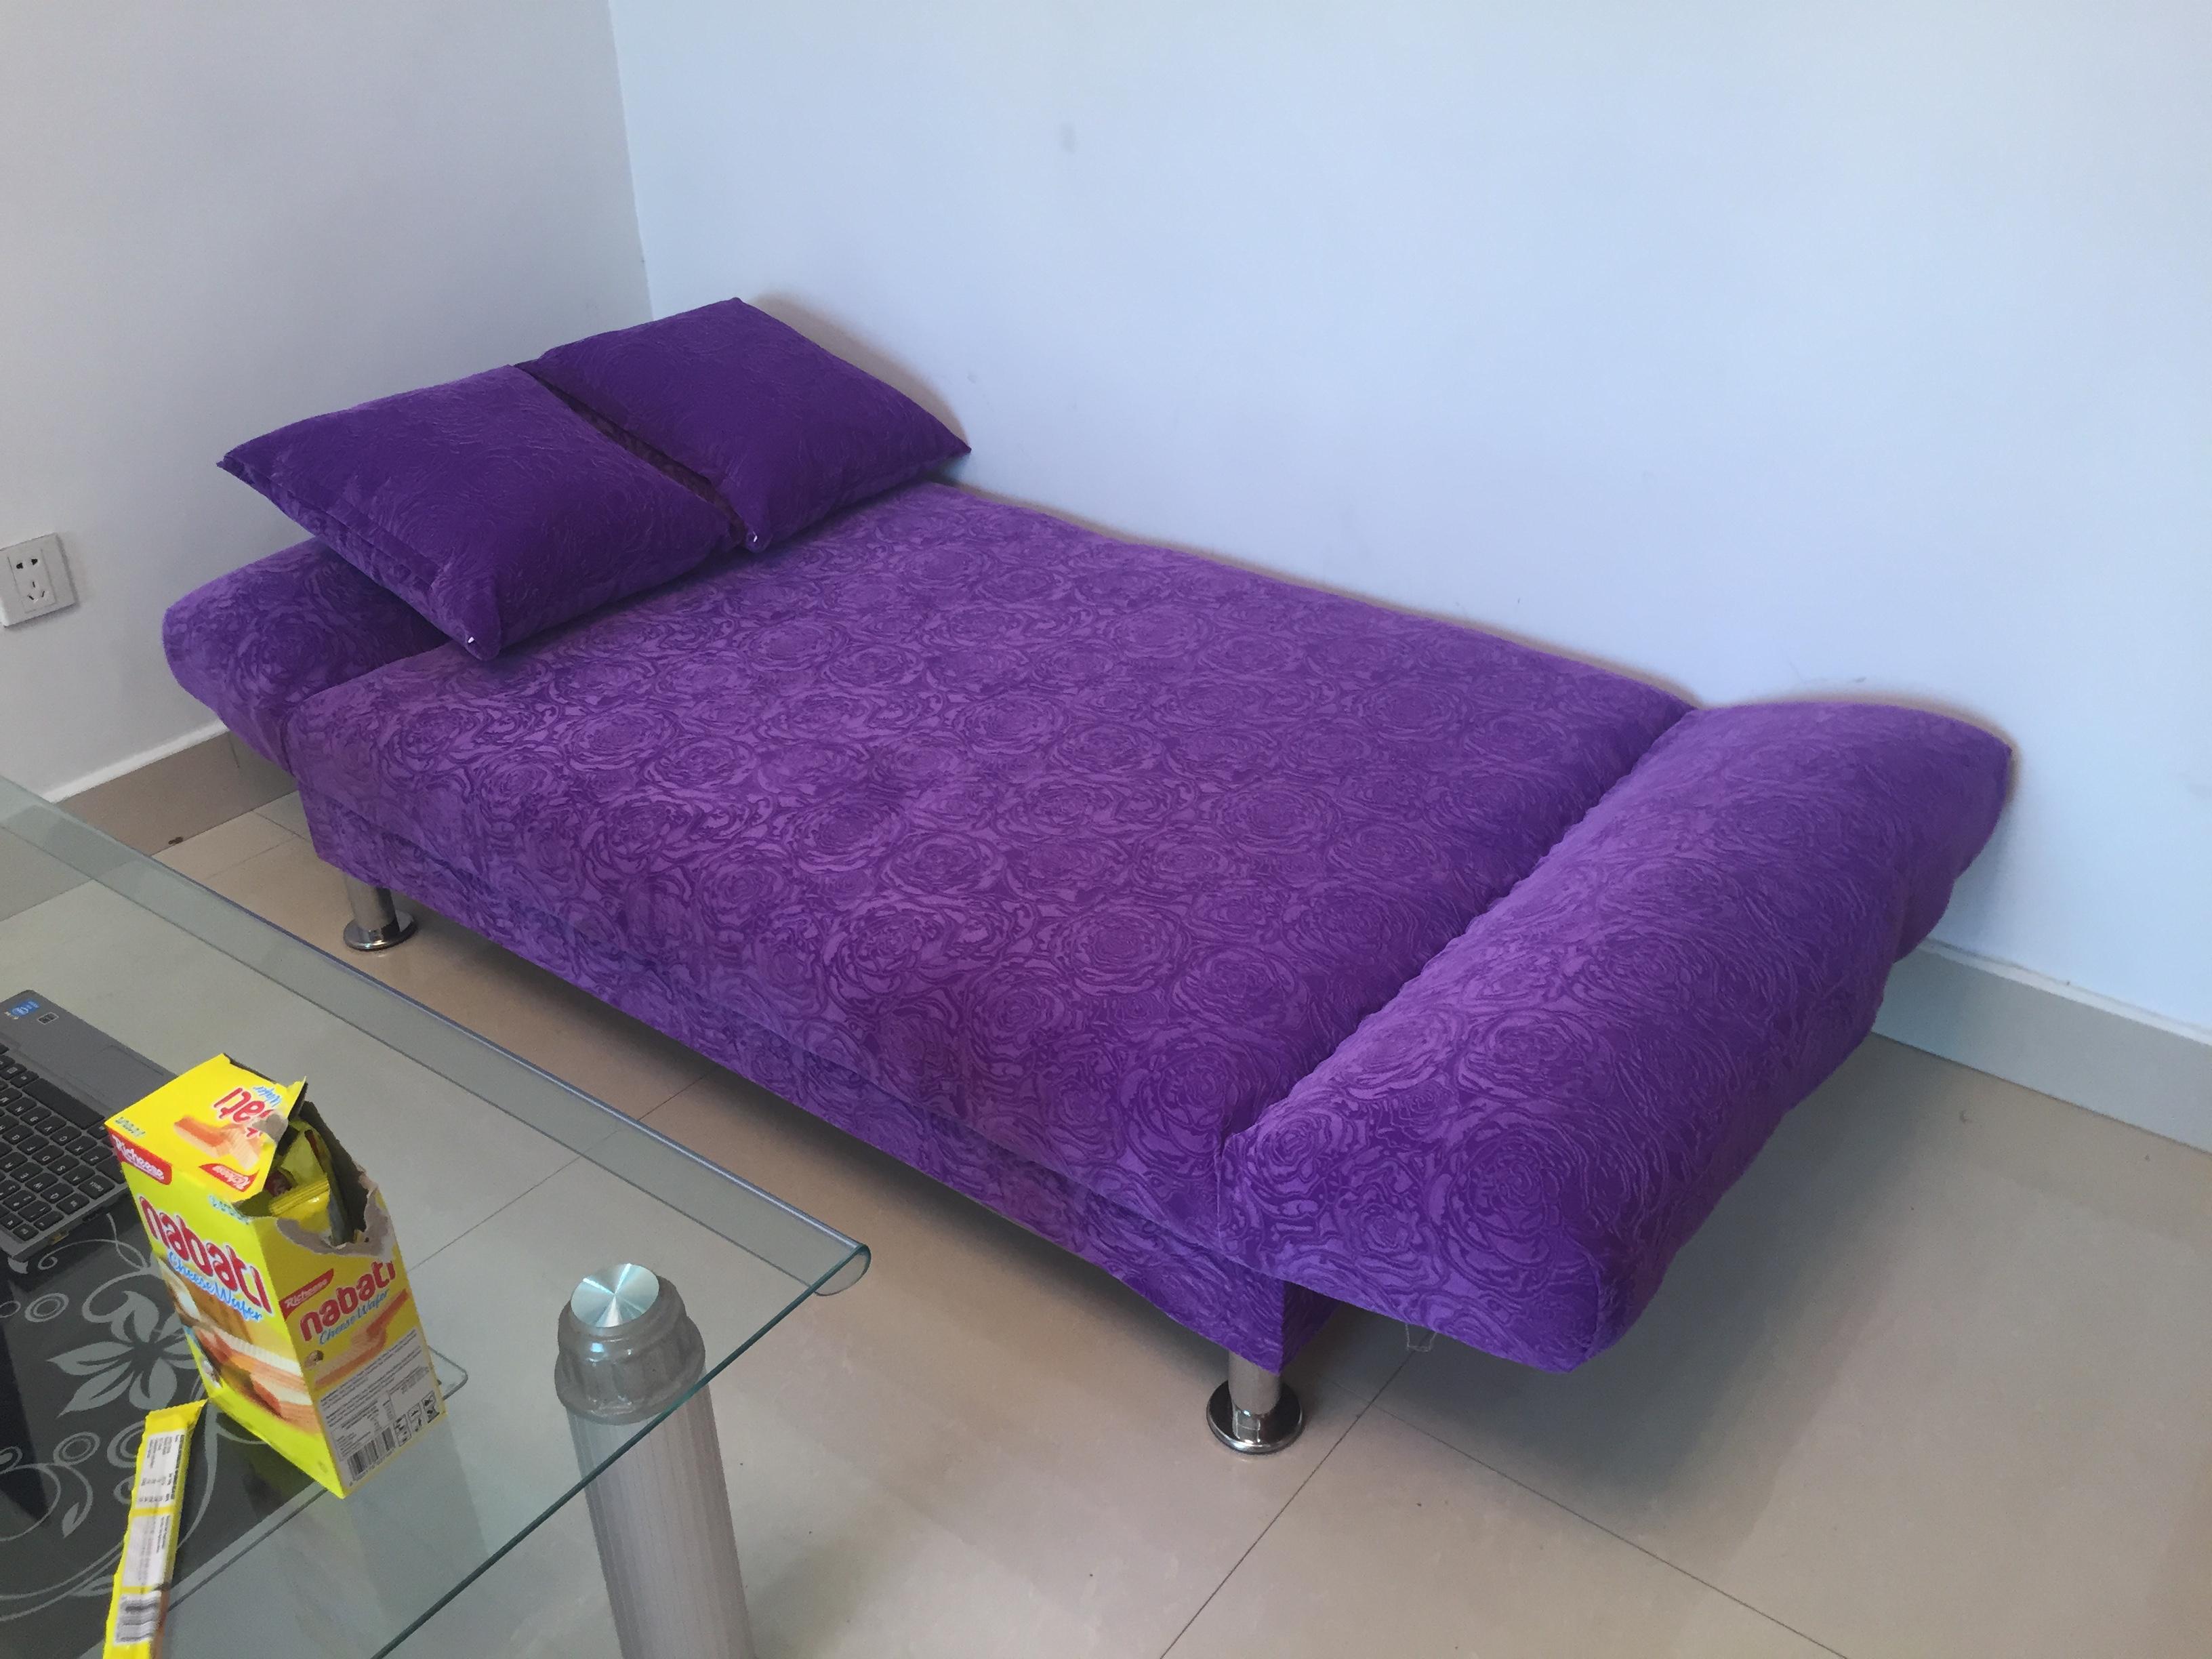 Το μικρό μέγεθος της 1.21.51.8 πτυσσόμενο καναπέ - κρεβάτι πολυλειτουργική απλή καναπέ δύο τρία άτομα καναπέ κρεβάτι τεμπέλη